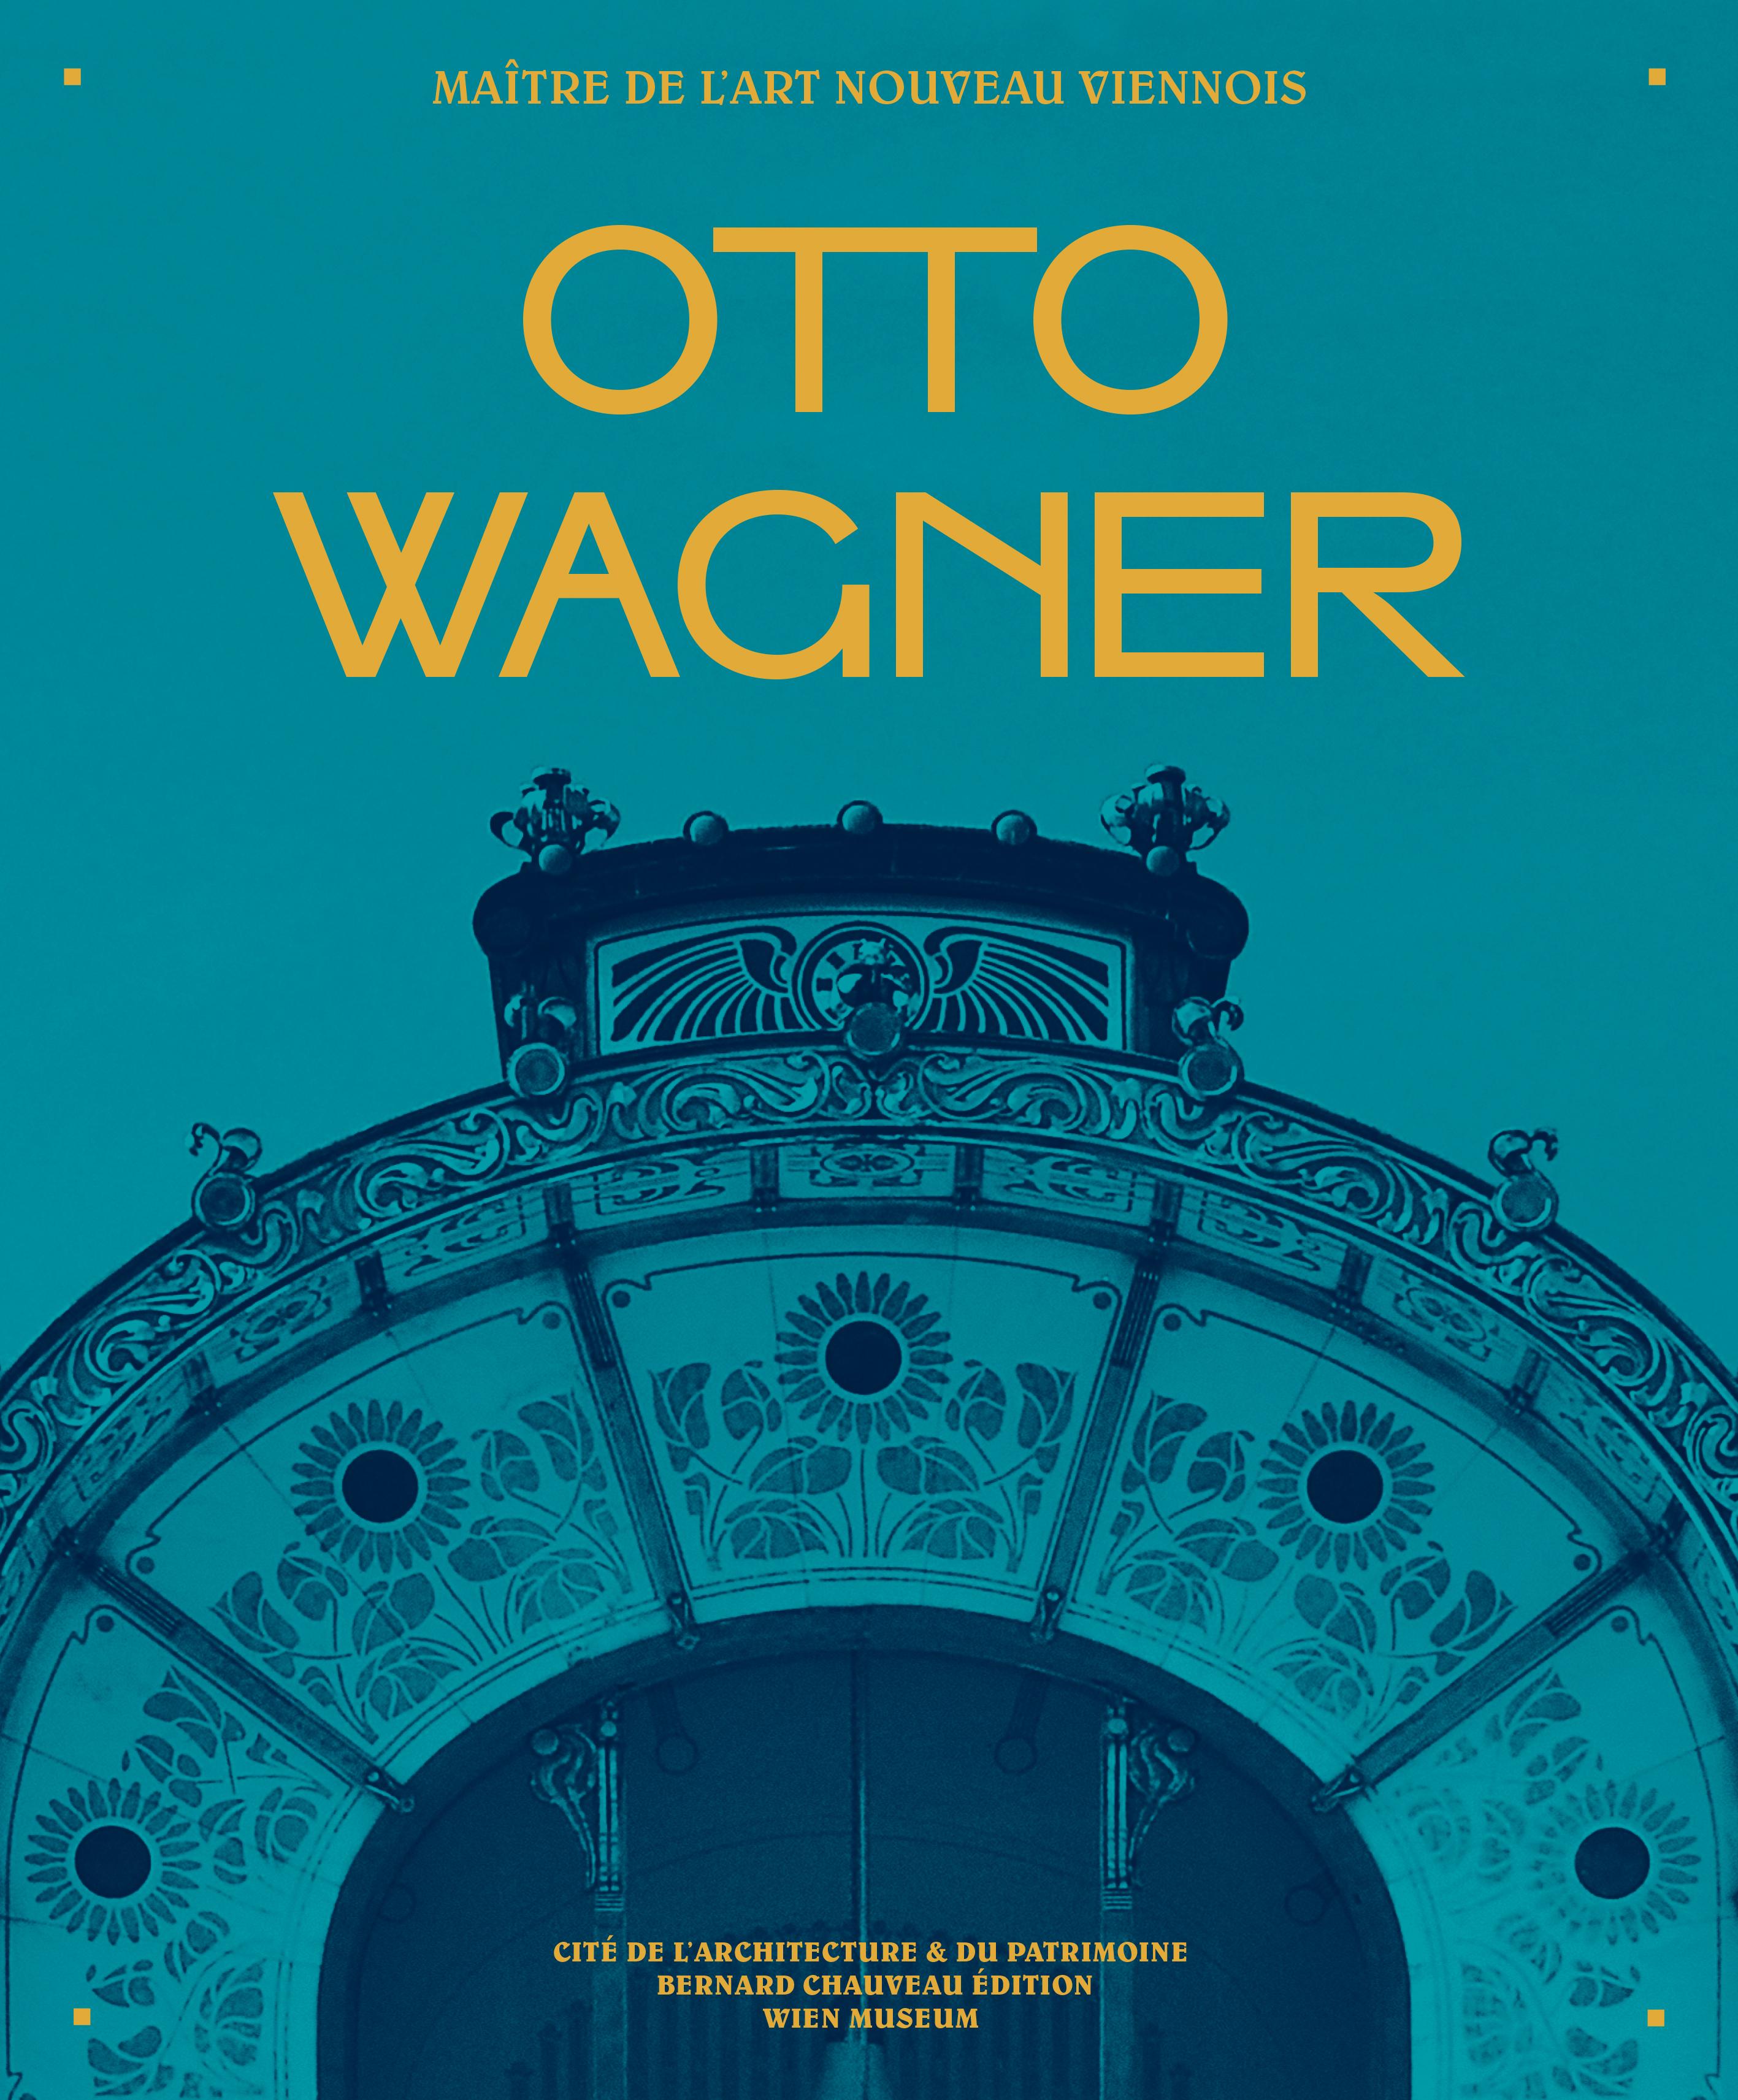 OTTO WAGNER, MAITRE DE L'ART NOUVEAU VIENNOIS